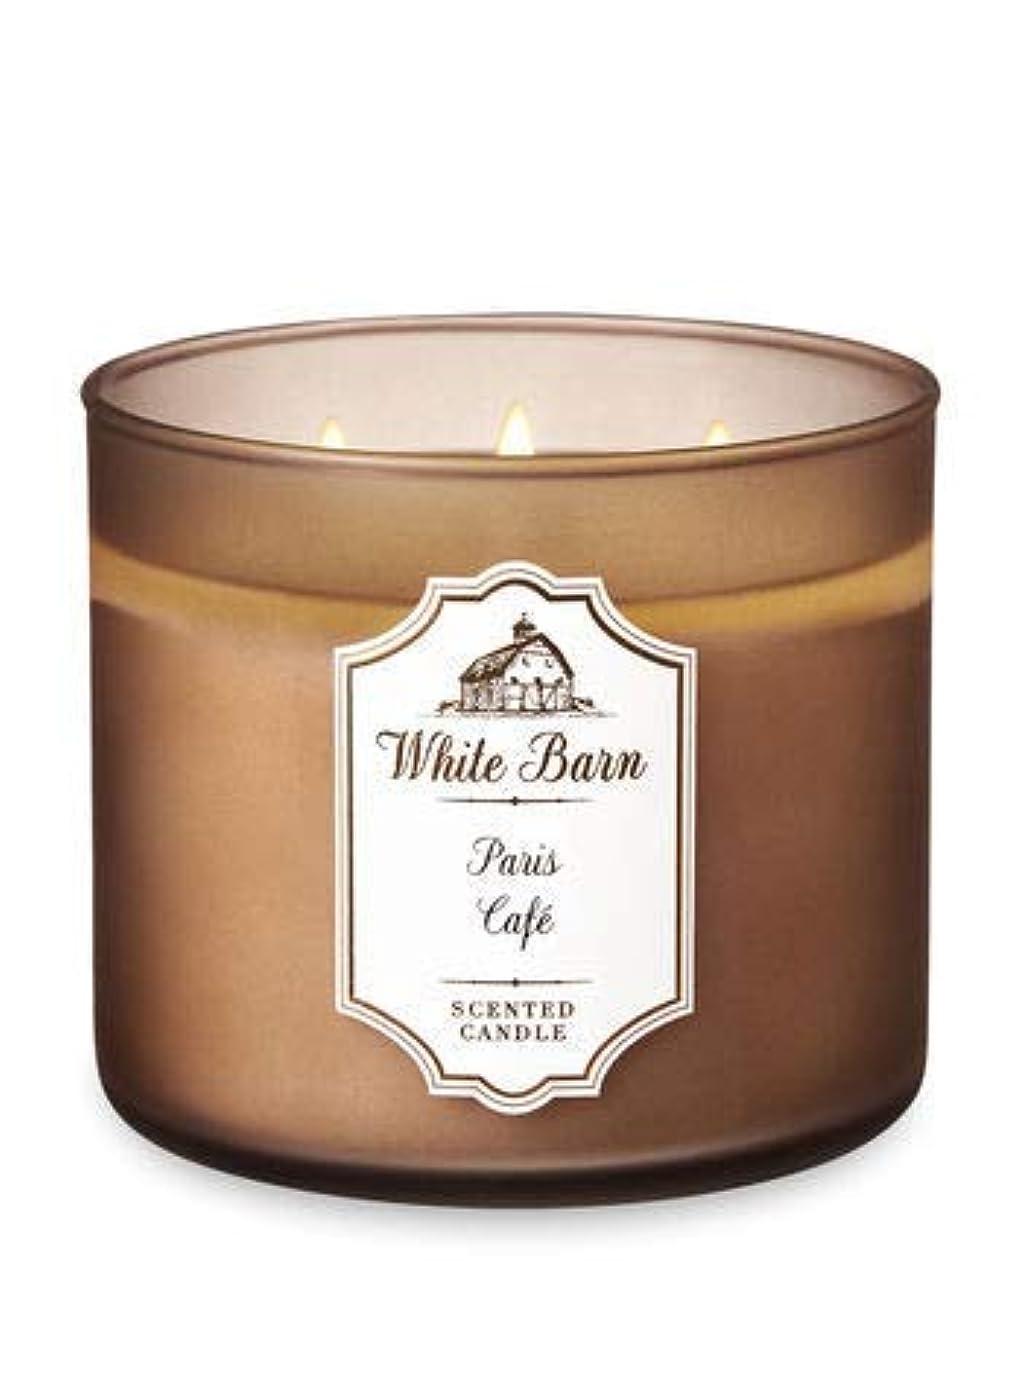 弁護仕える小屋【Bath&Body Works/バス&ボディワークス】 アロマキャンドル パリスカフェ 3-Wick Scented Candle Paris Cafe 14.5oz/411g [並行輸入品]